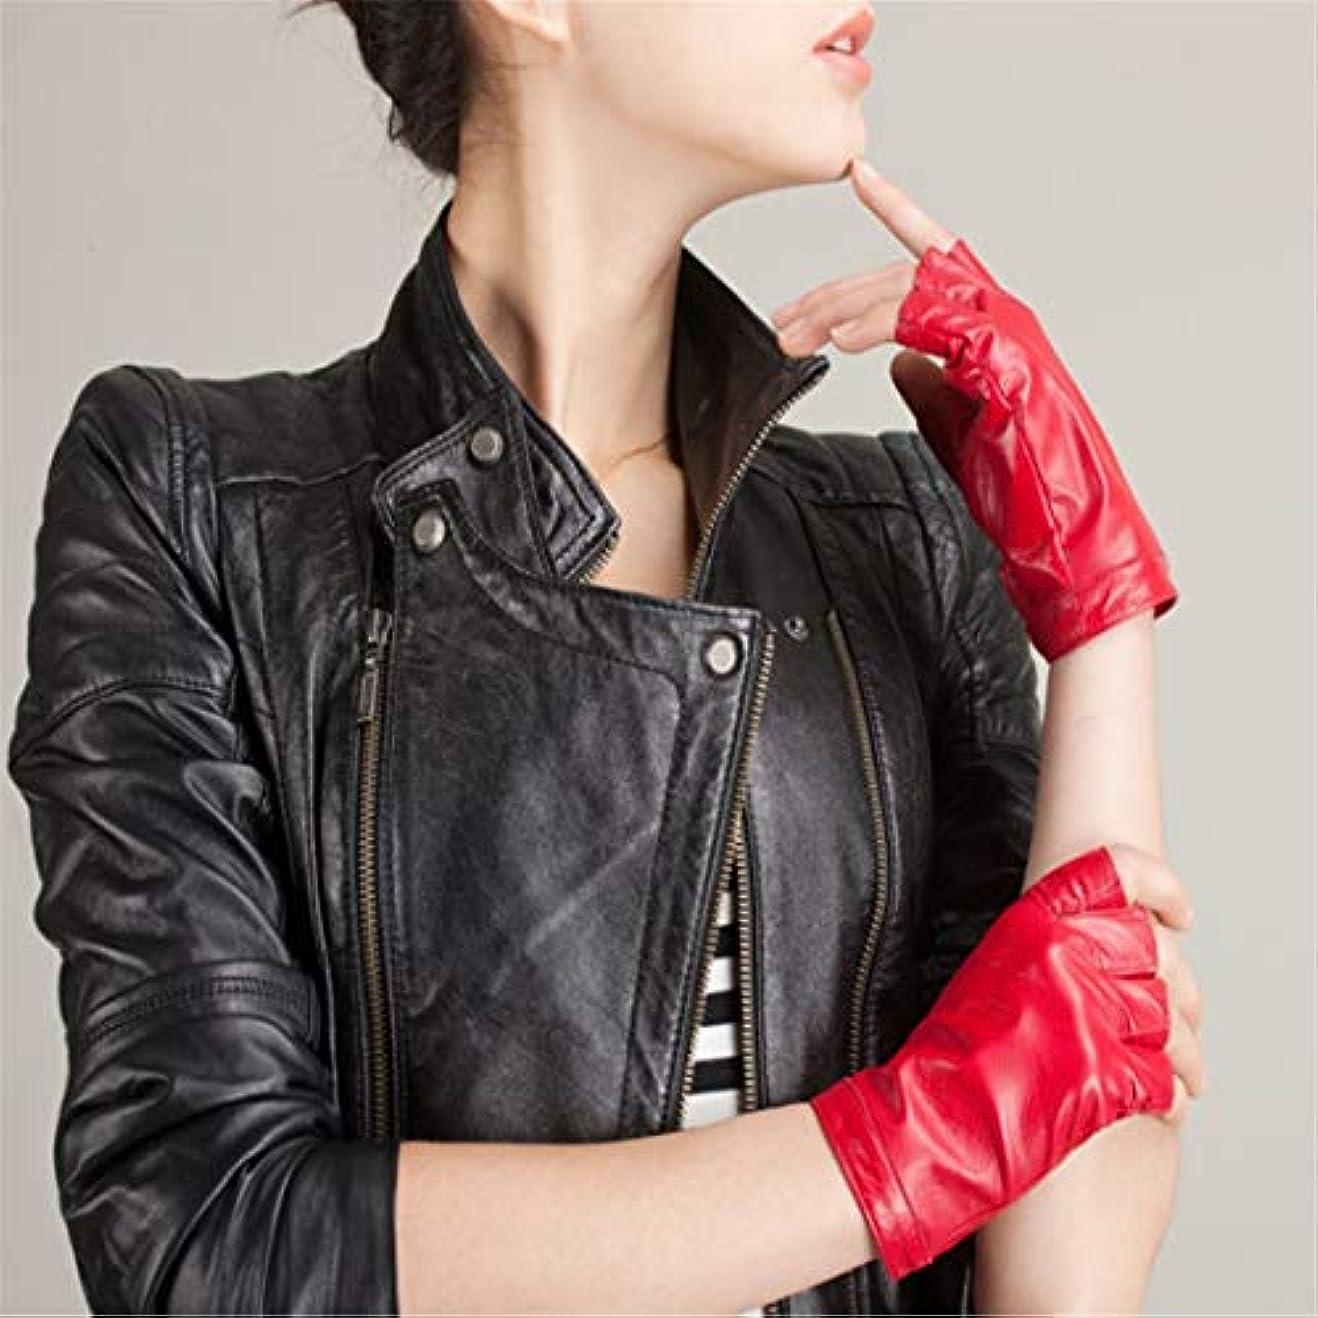 墓地作りエンジニアリング女性のファッションミットメンズストリートダンスキャットウォーク中性手袋S-XL